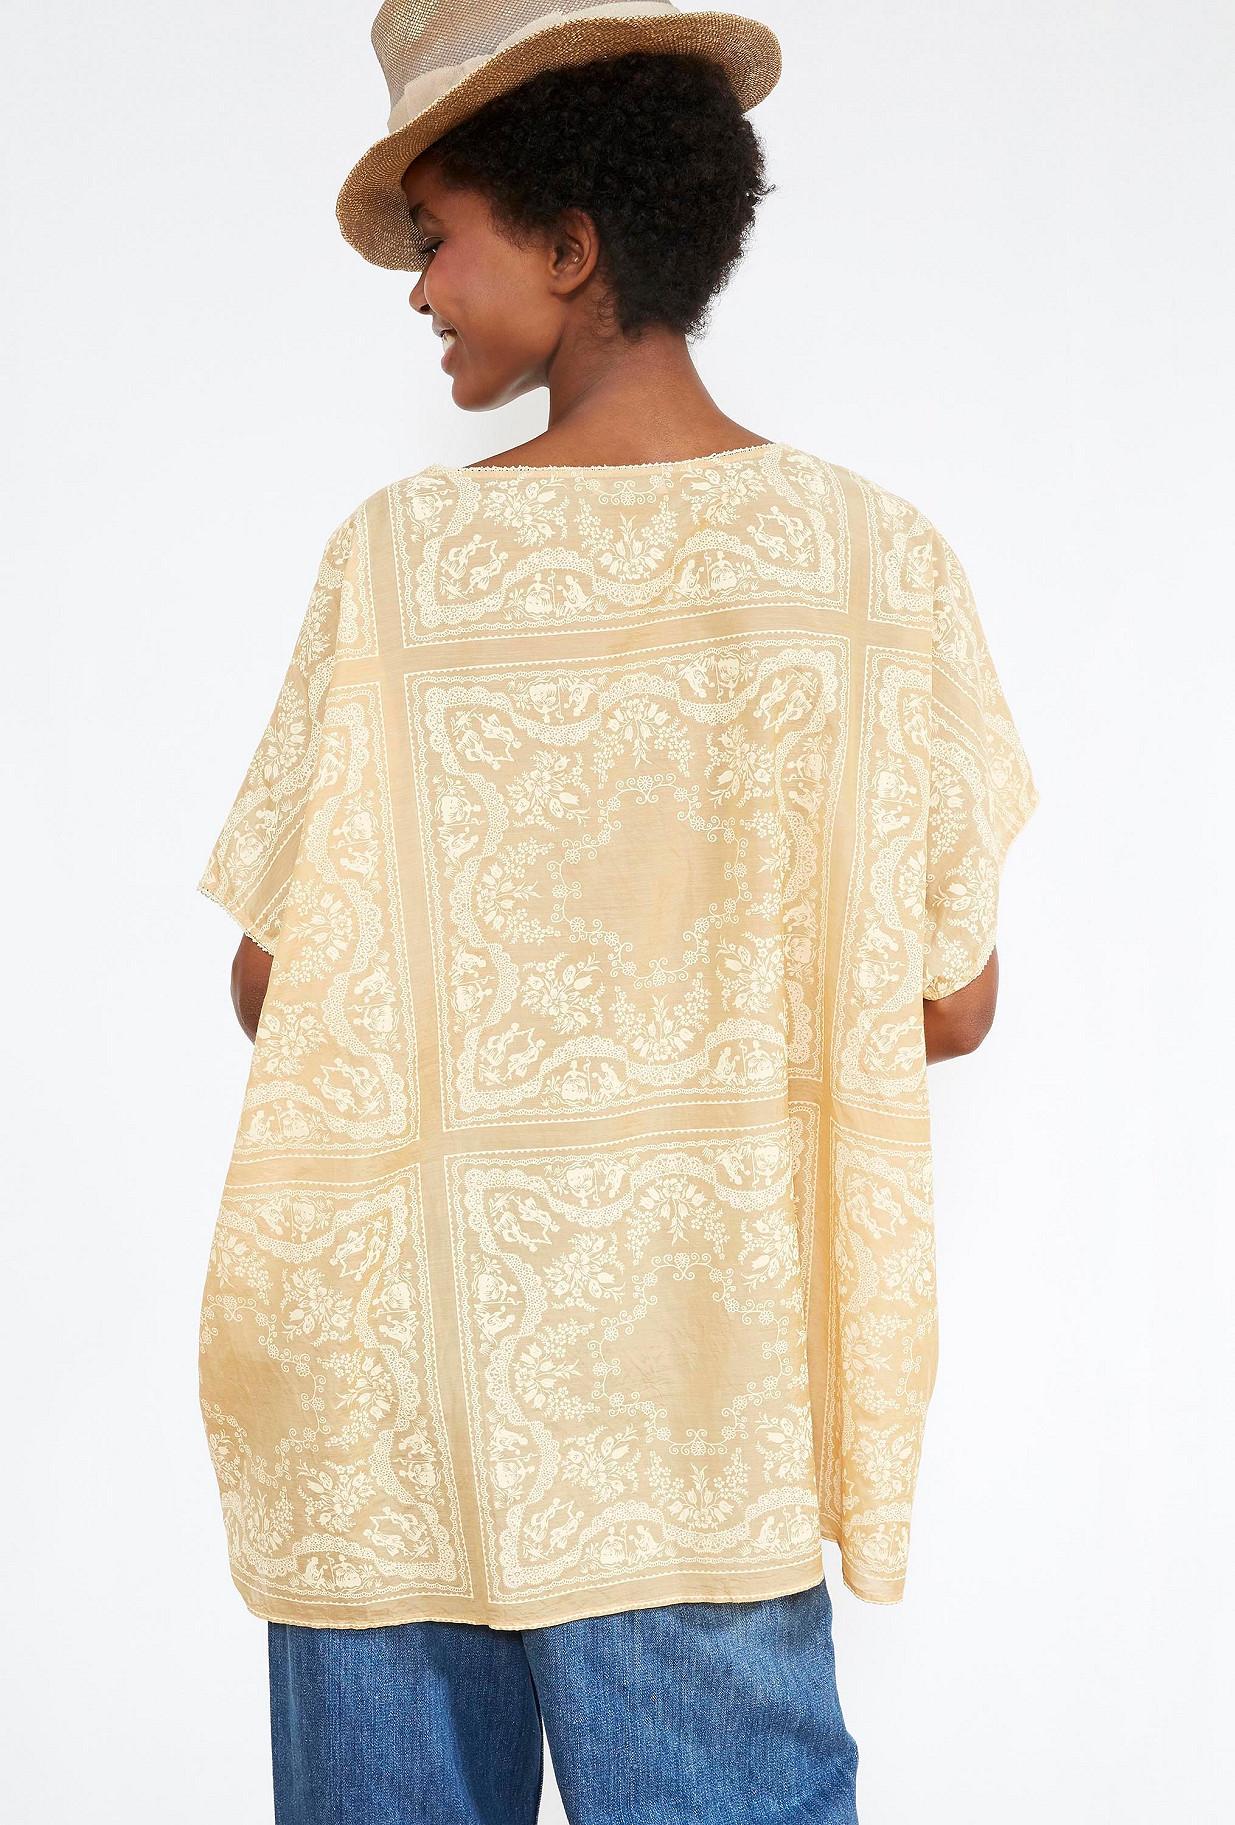 Natural  PONCHO  Jourdain Mes demoiselles fashion clothes designer Paris